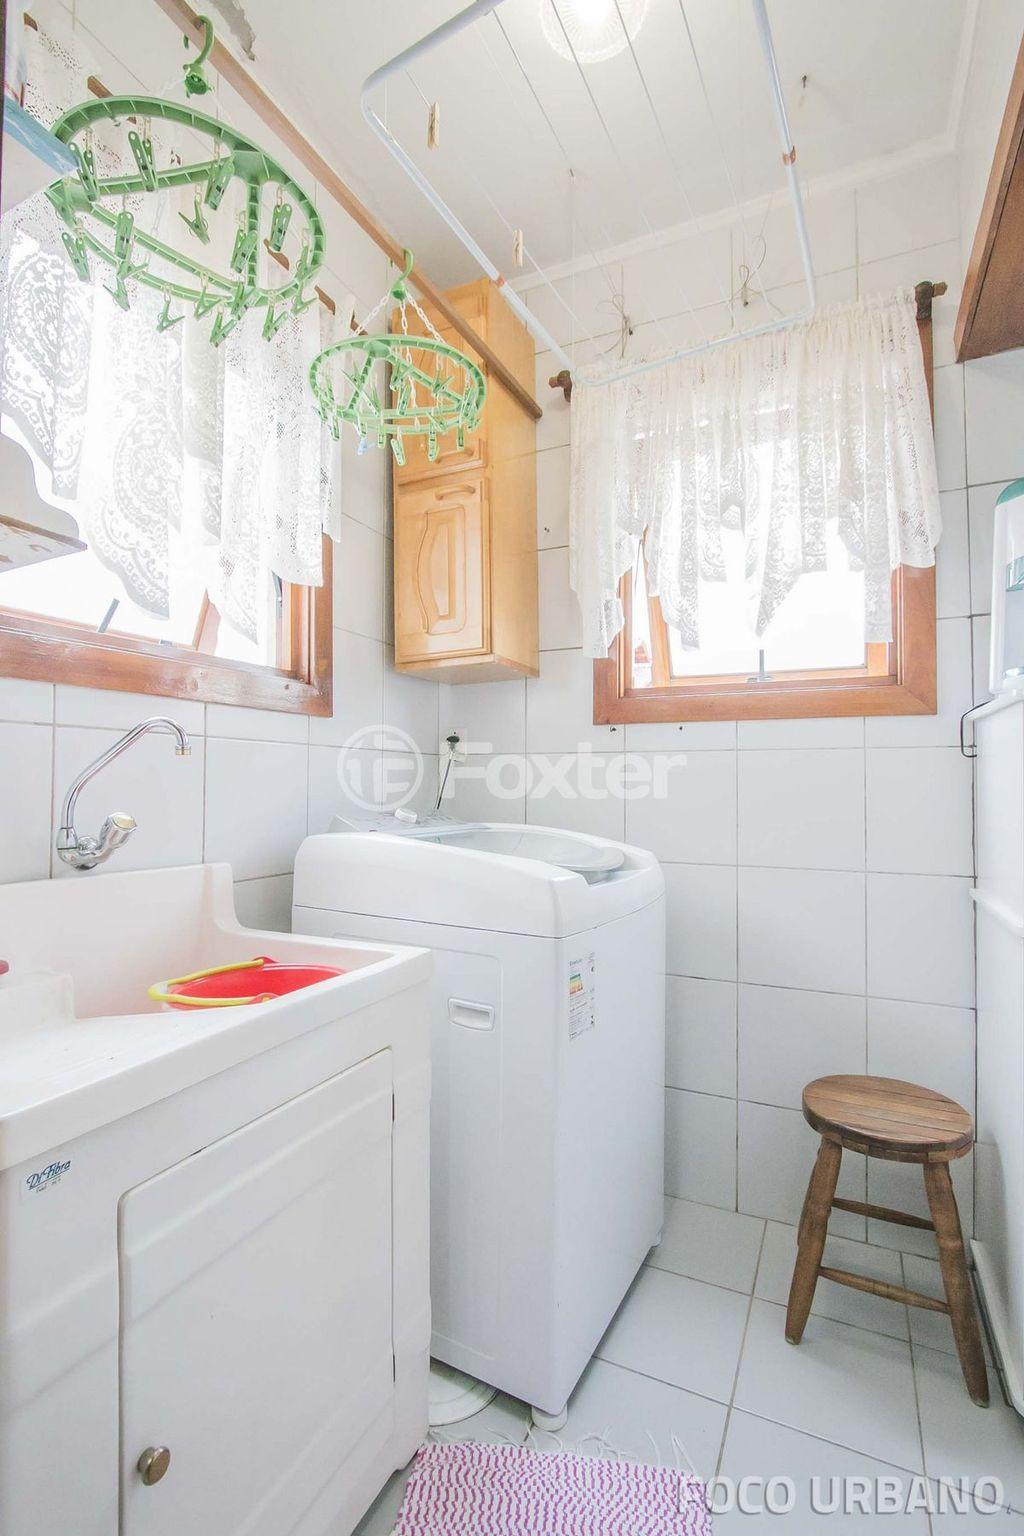 Foxter Imobiliária - Cobertura 4 Dorm (145795) - Foto 18